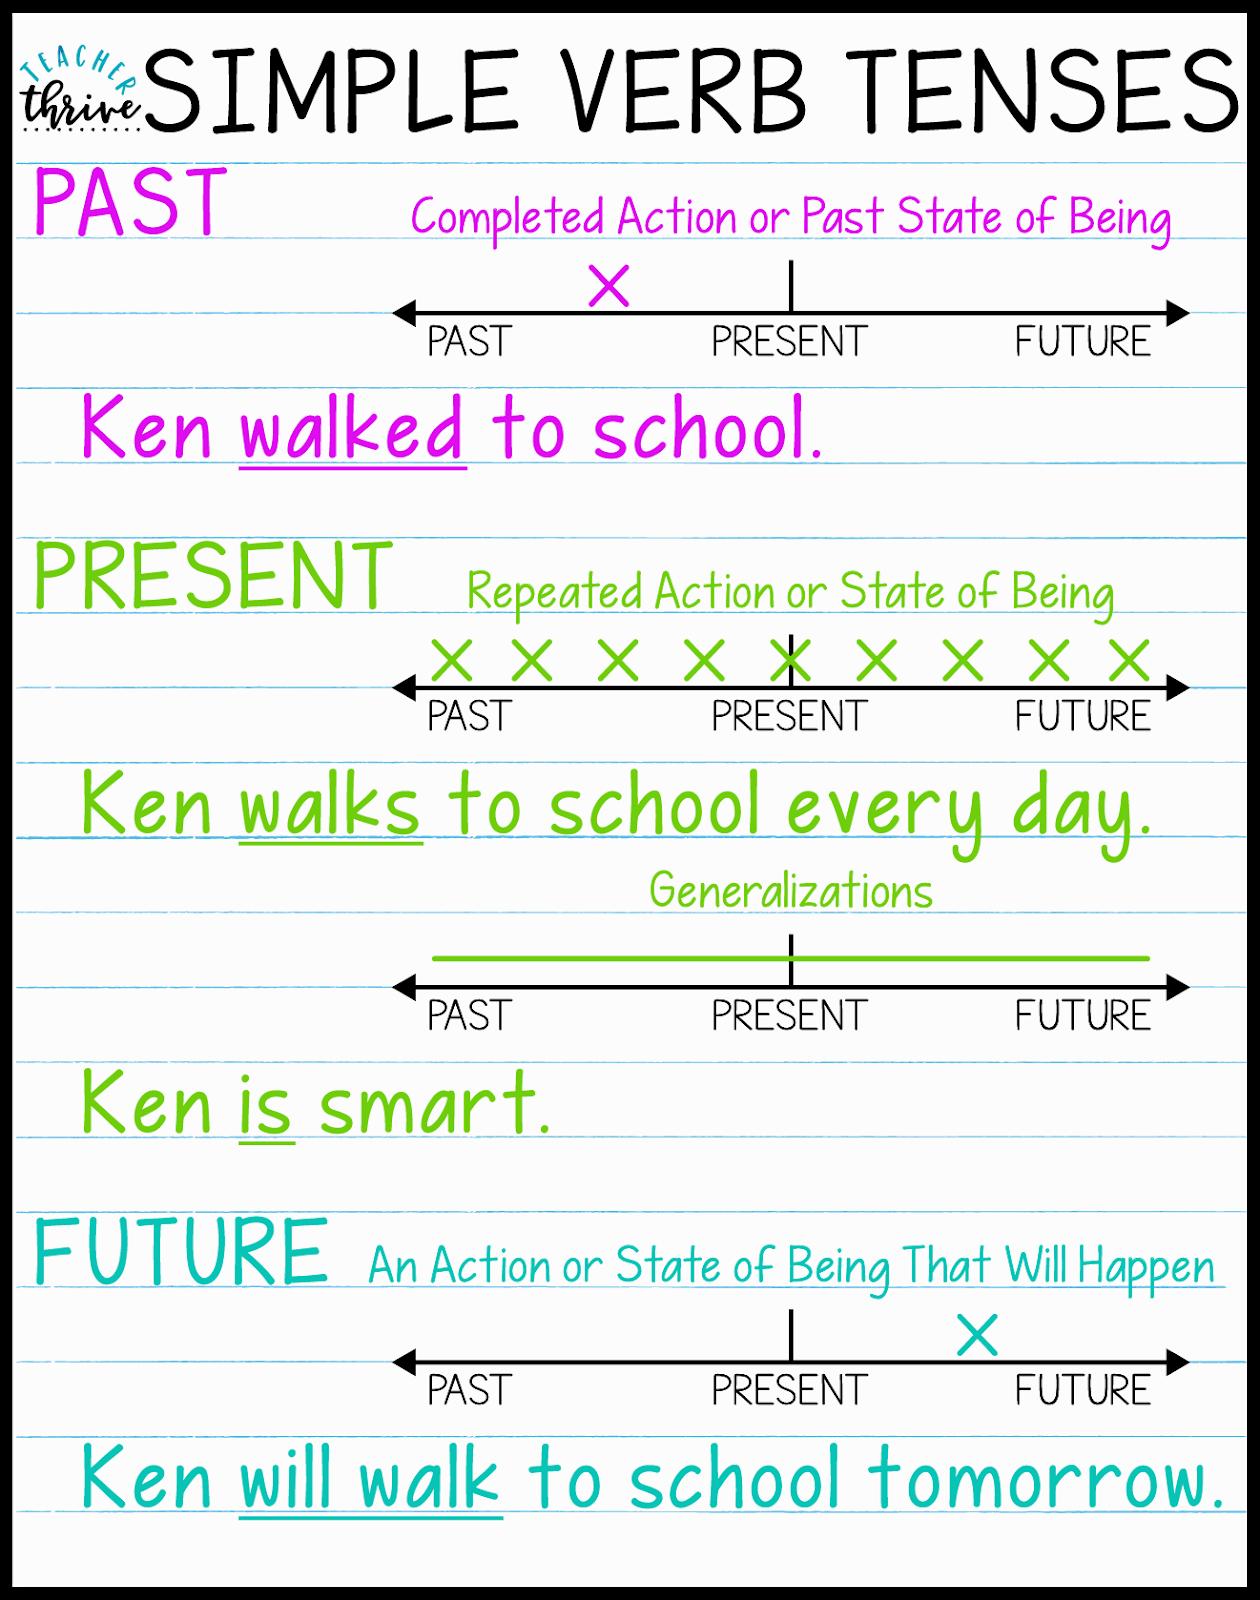 Teaching Verb Tenses Using Timelines Teaching Verbs Verb Tenses Teaching English Grammar [ 1600 x 1260 Pixel ]